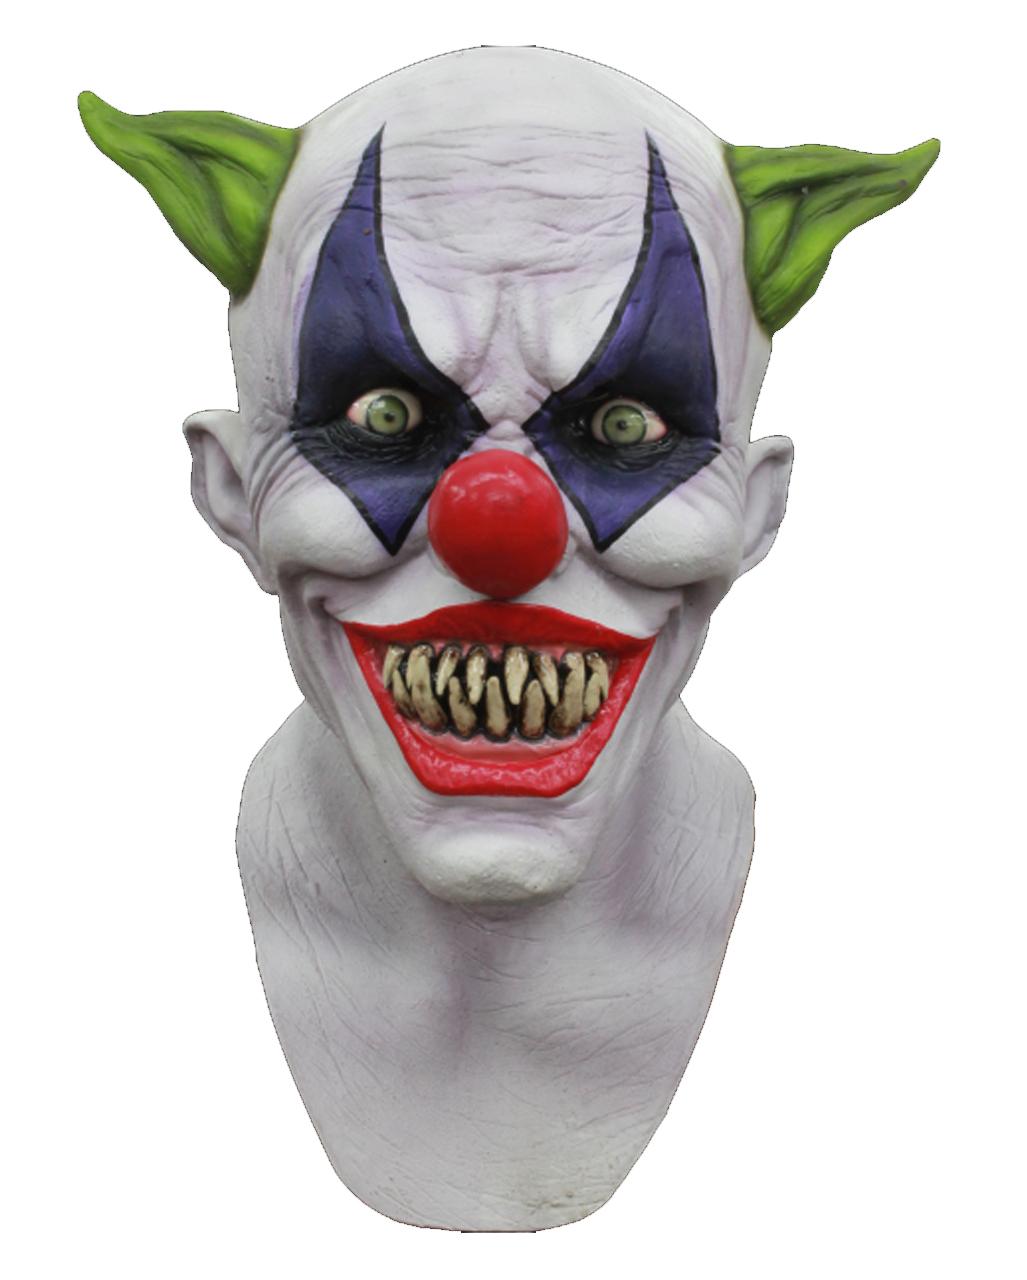 große sorten klassisch Wert für Geld Deadly Horror Clown Maske